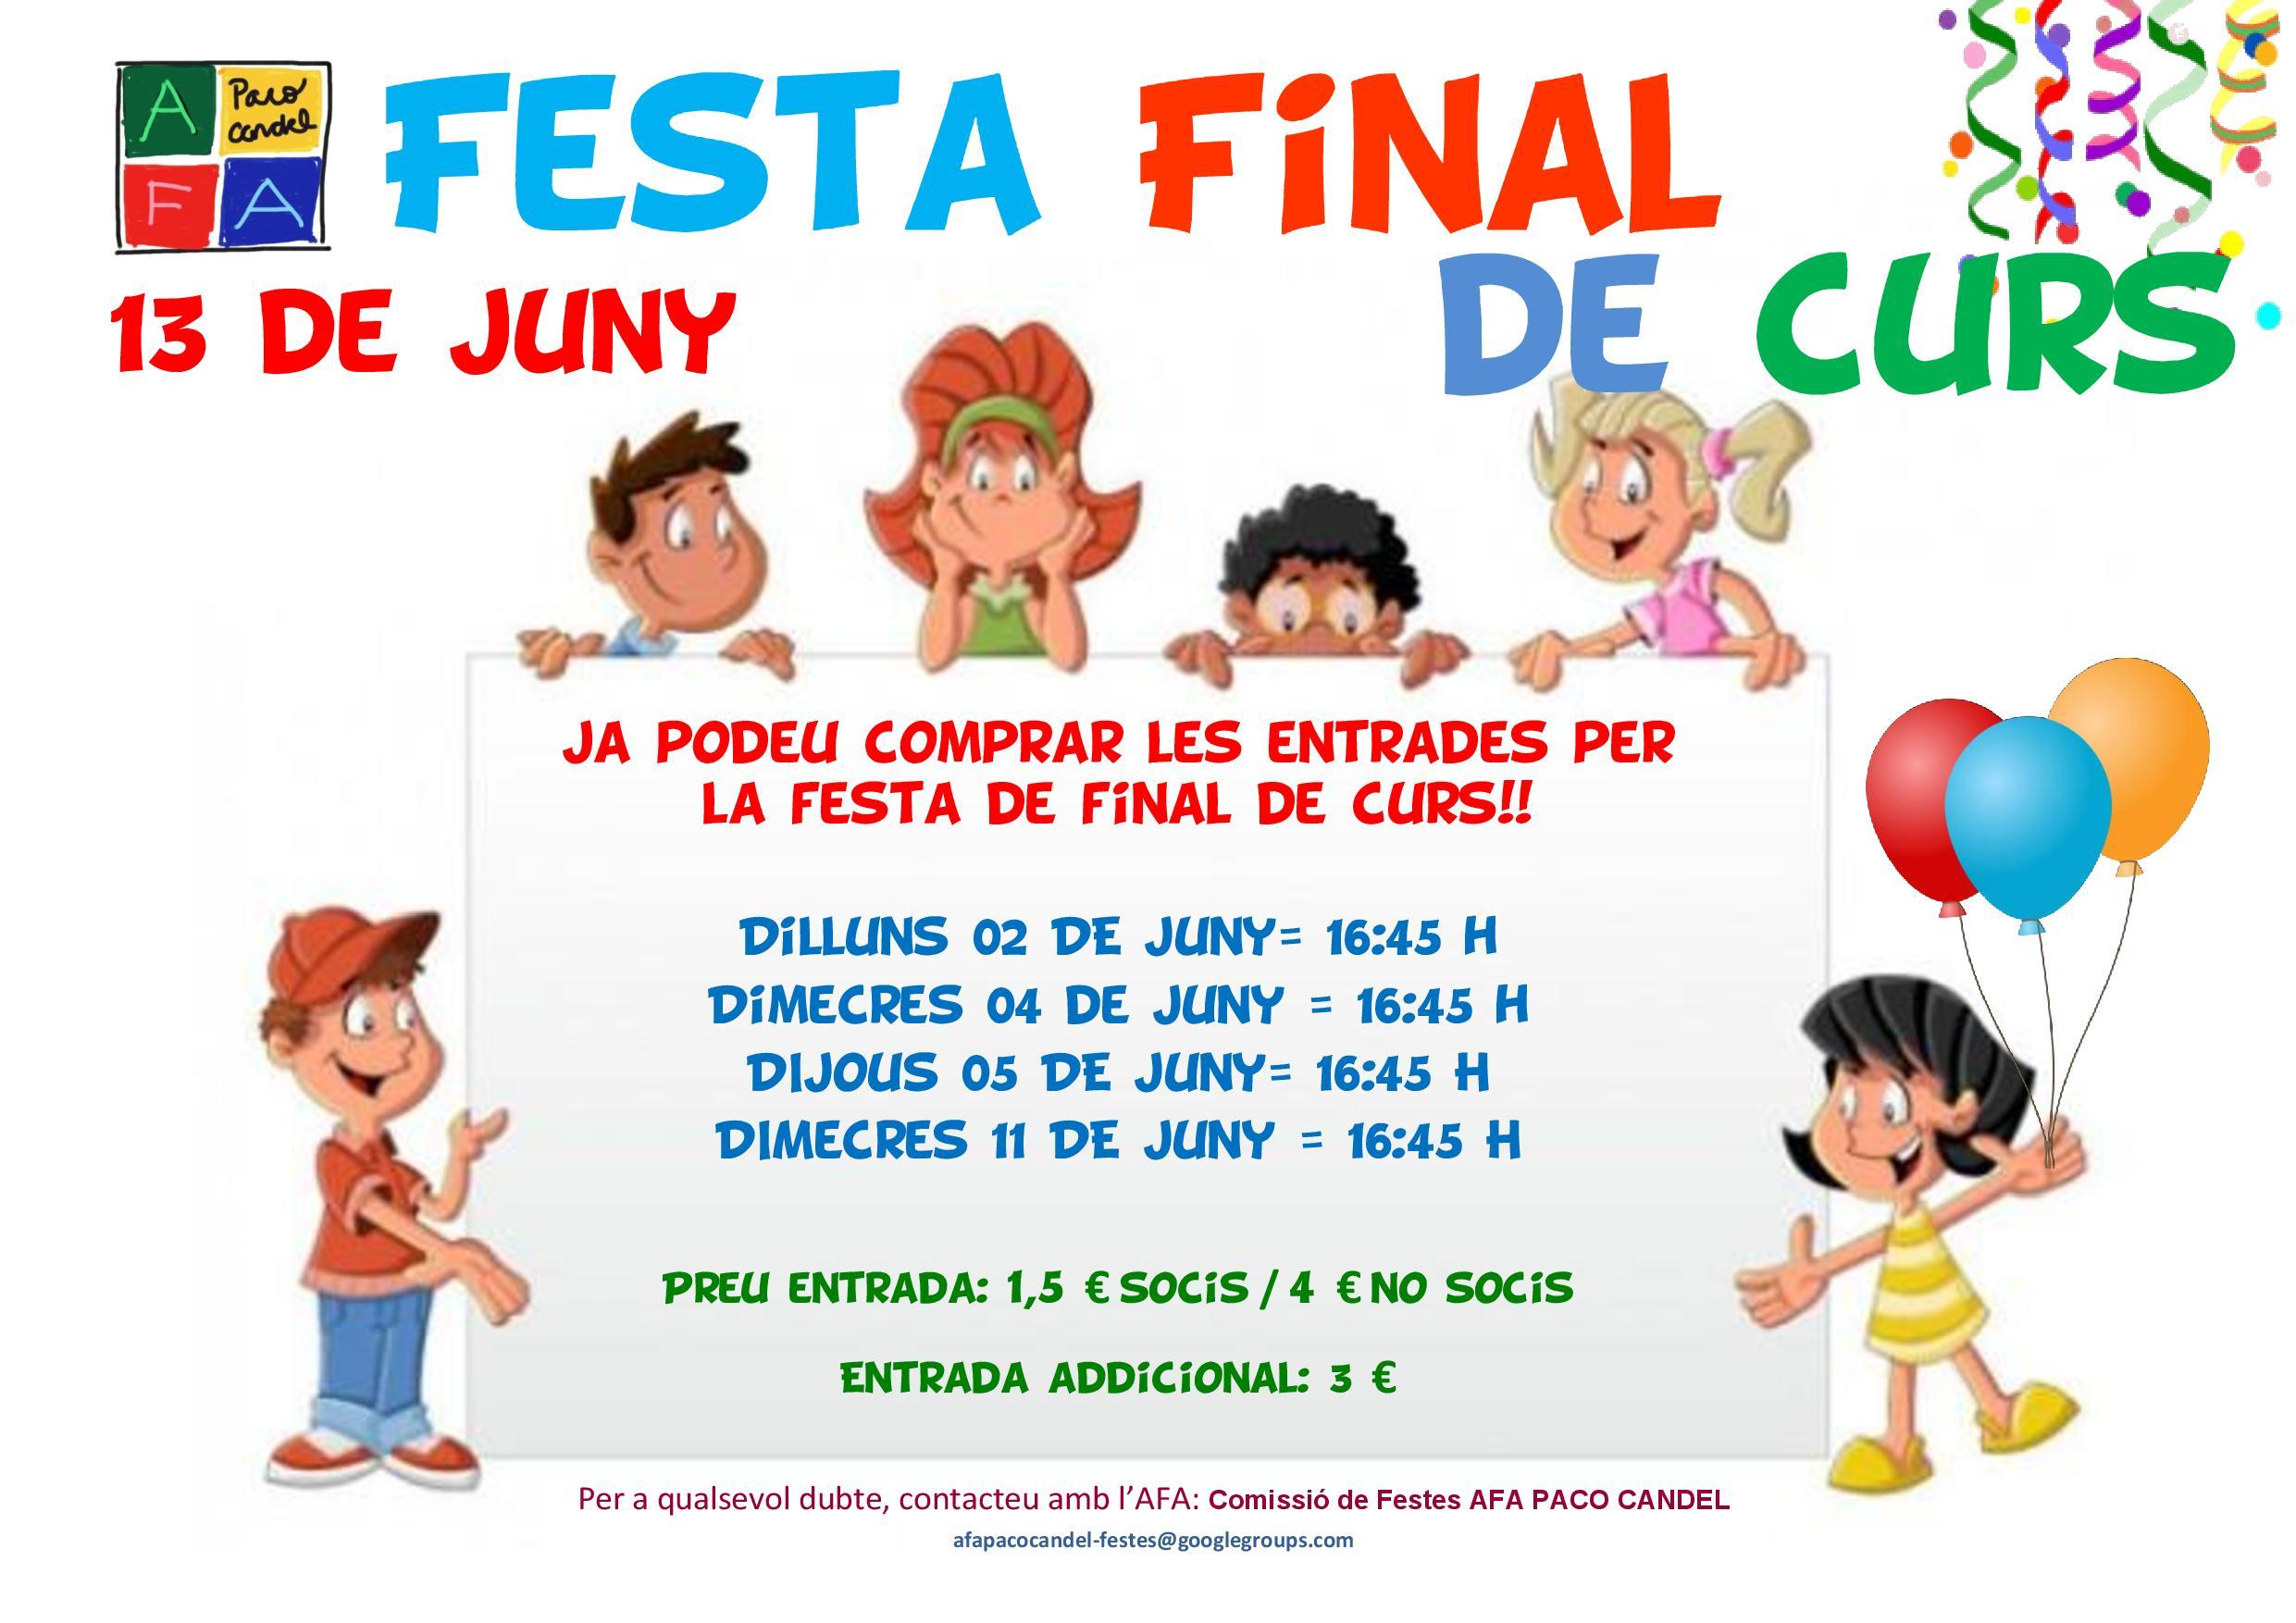 A3 Poster_festa final de curs-page-001